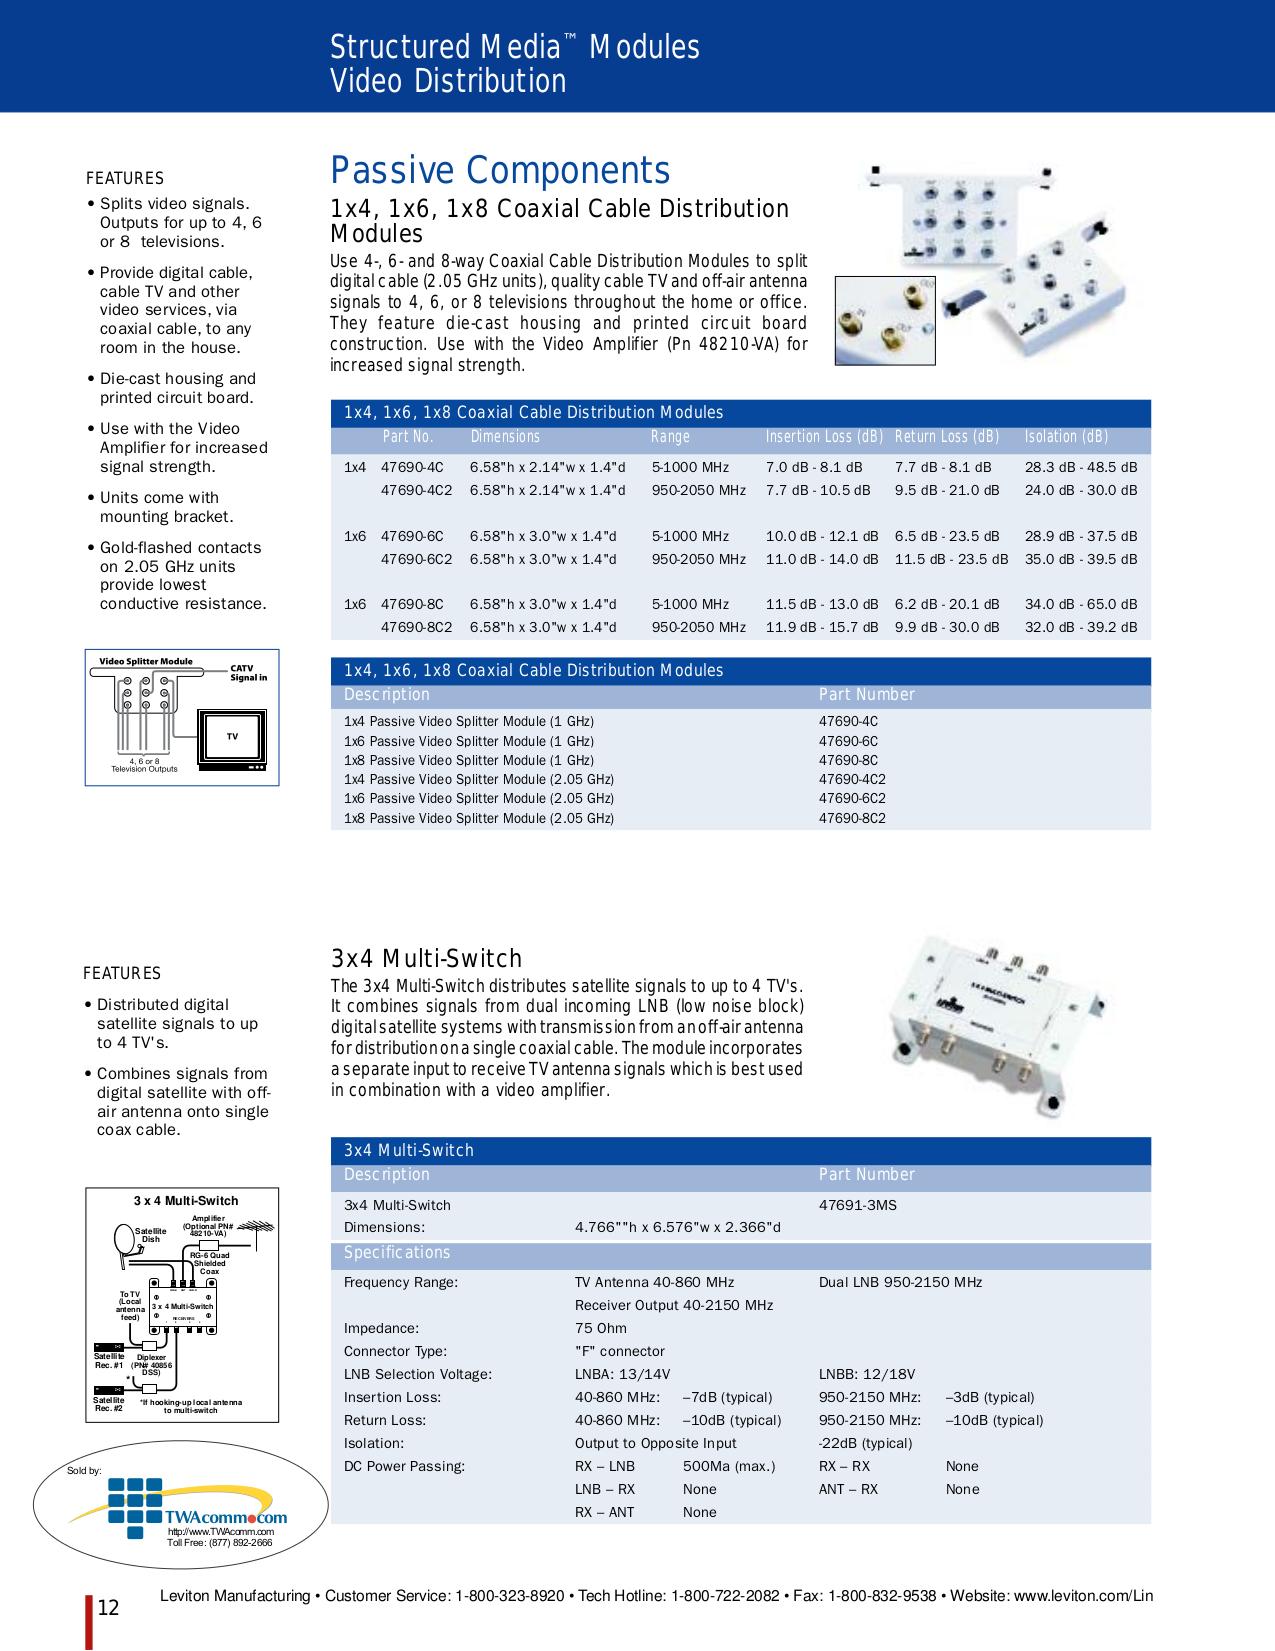 Leviton Amp 47690-BVA pdf page preview